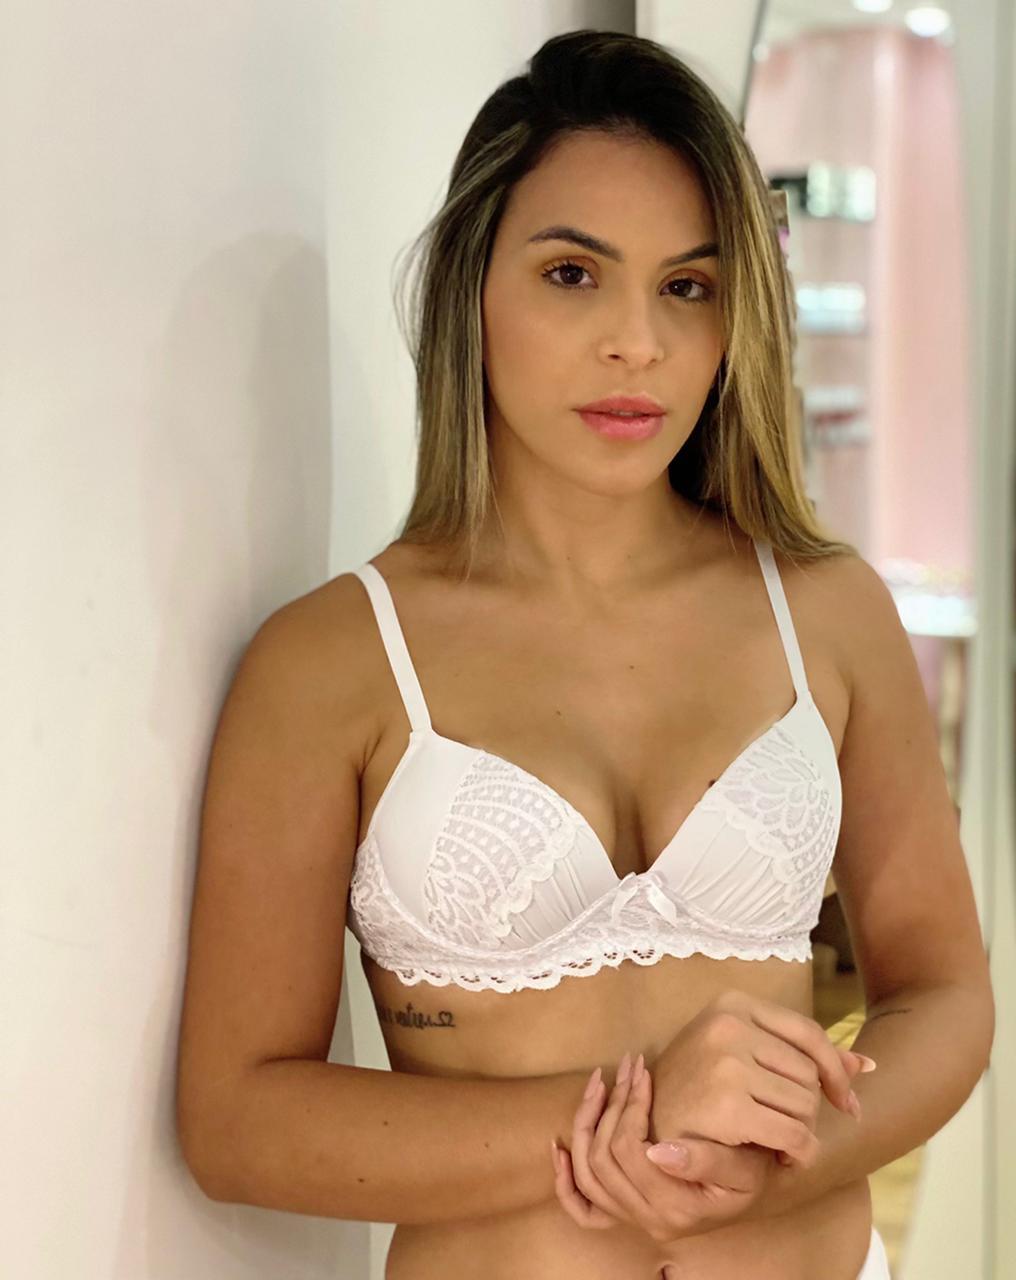 Sutiã Micro Renda Branco   - RMCE BRAZIL